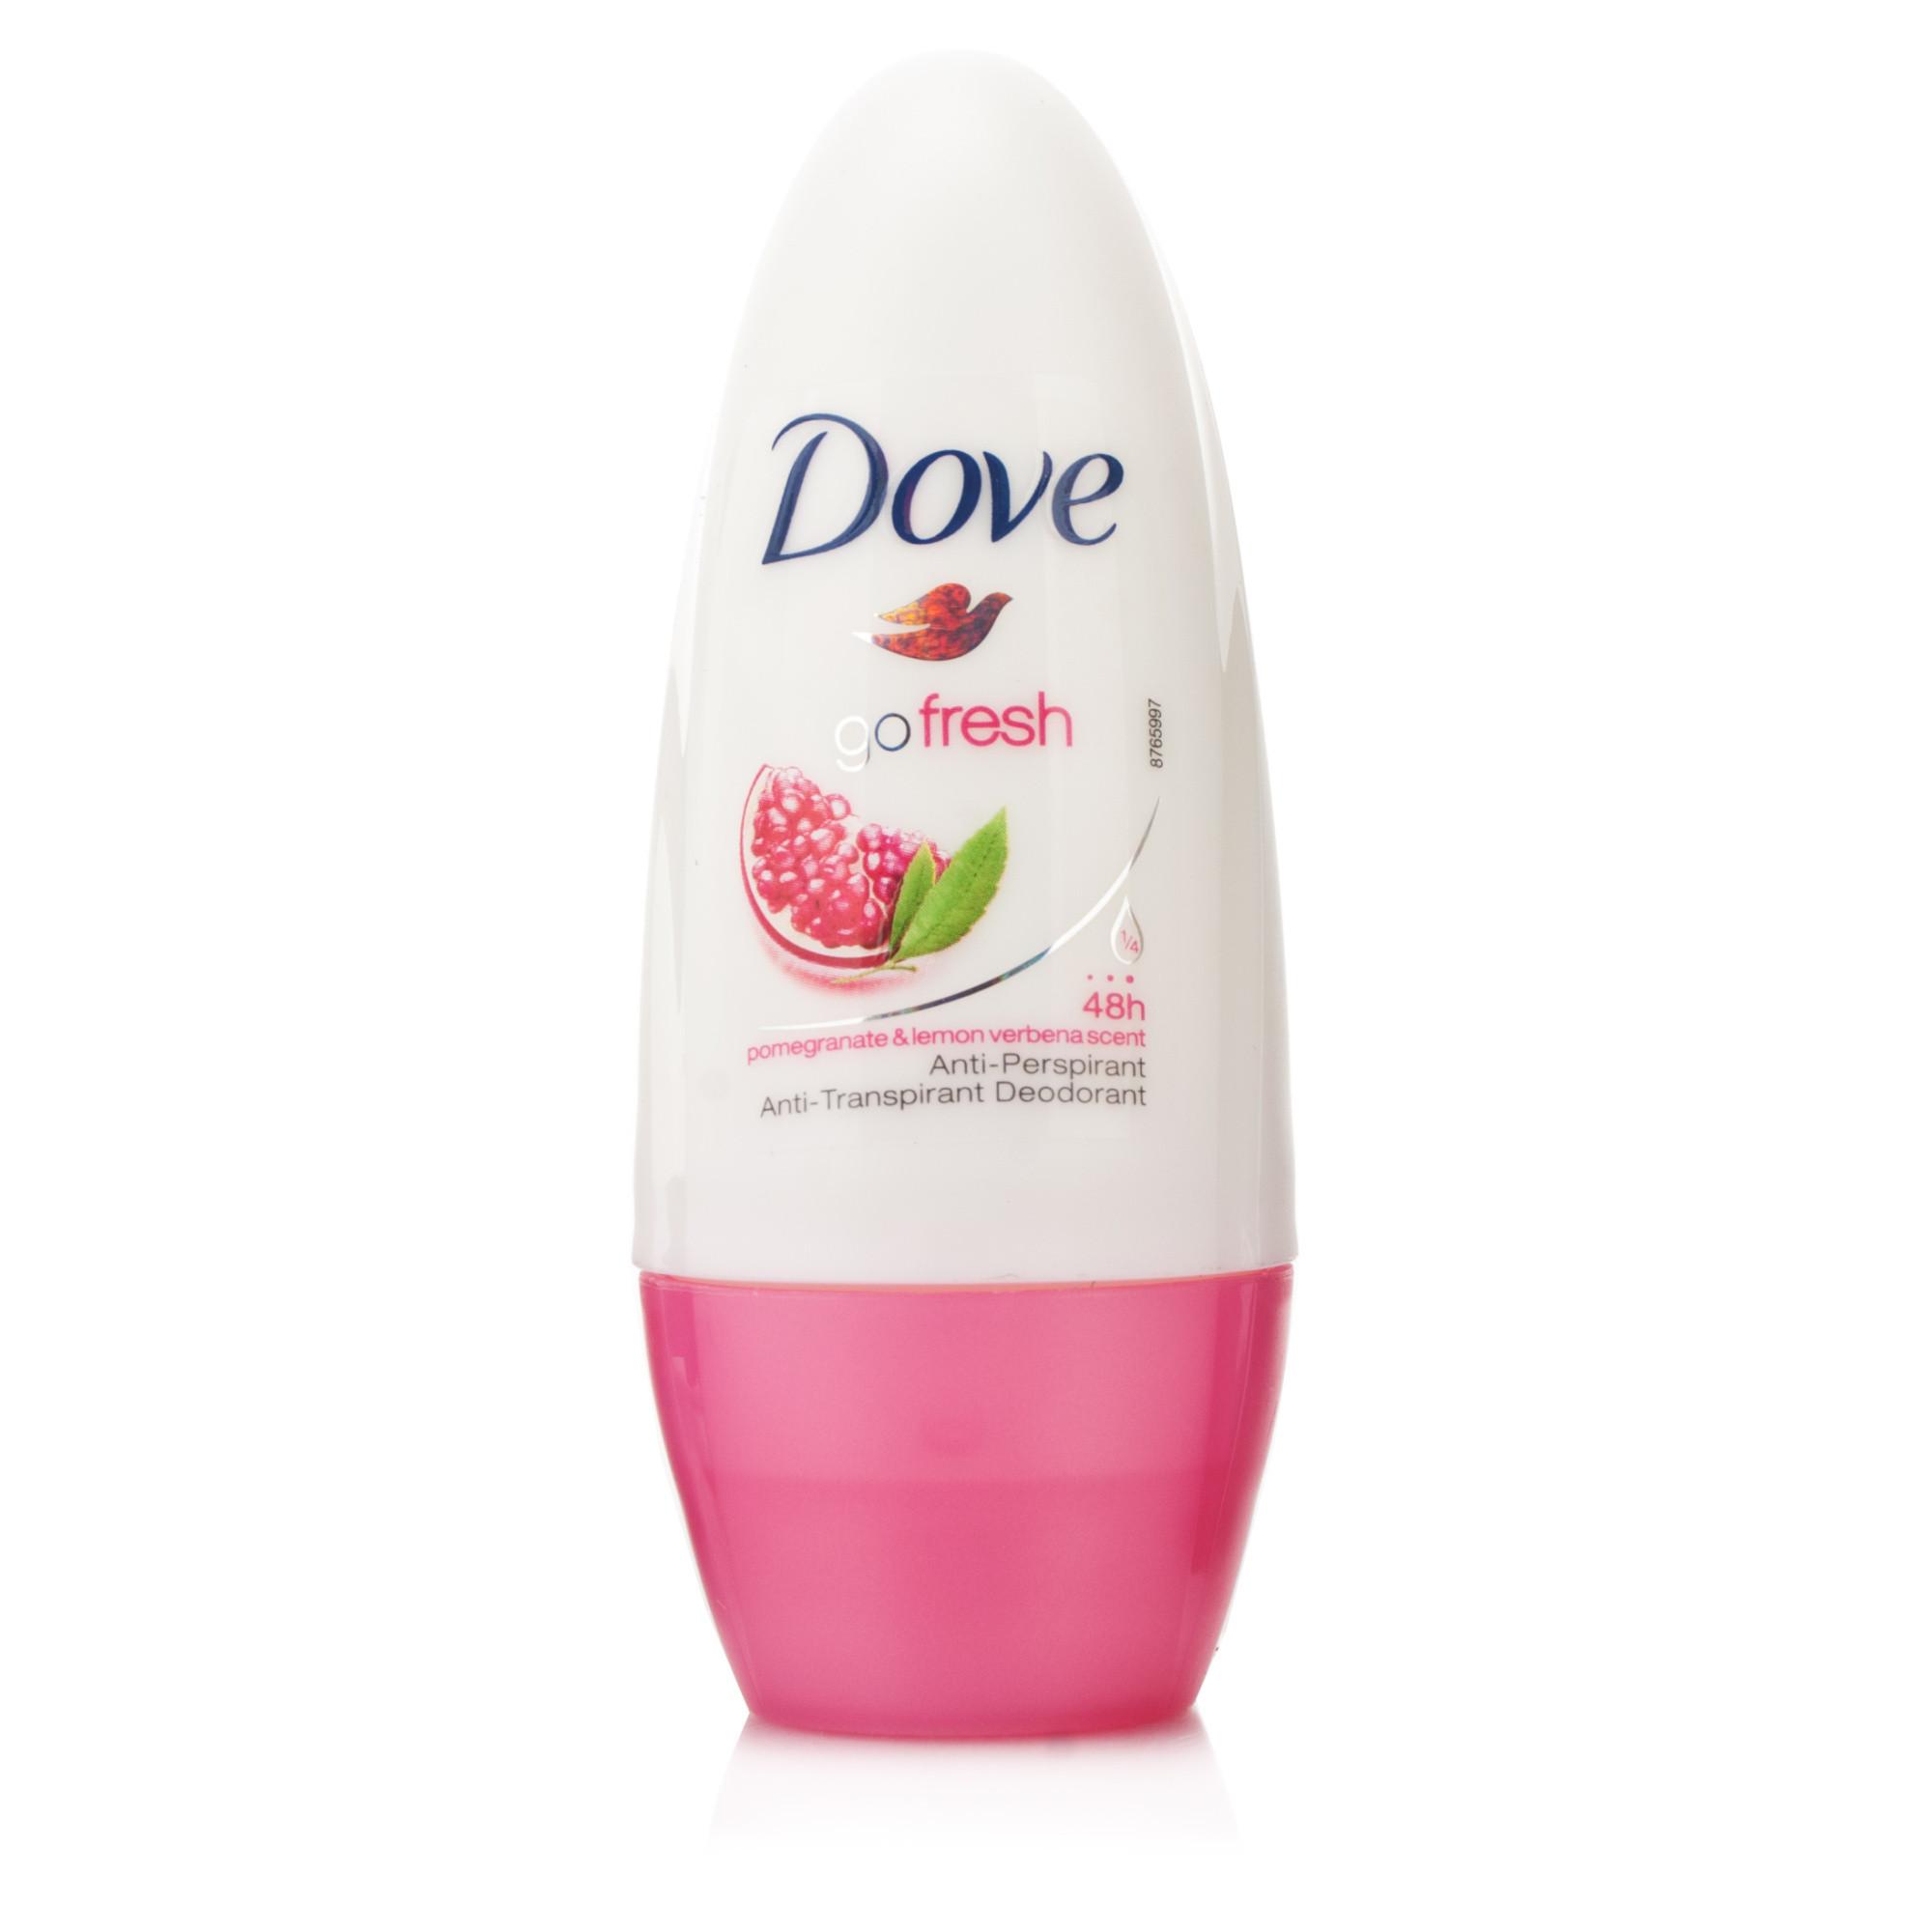 Dove Go Fresh Pomegranate & Lemon Verbena Roll-On Antiperspirant